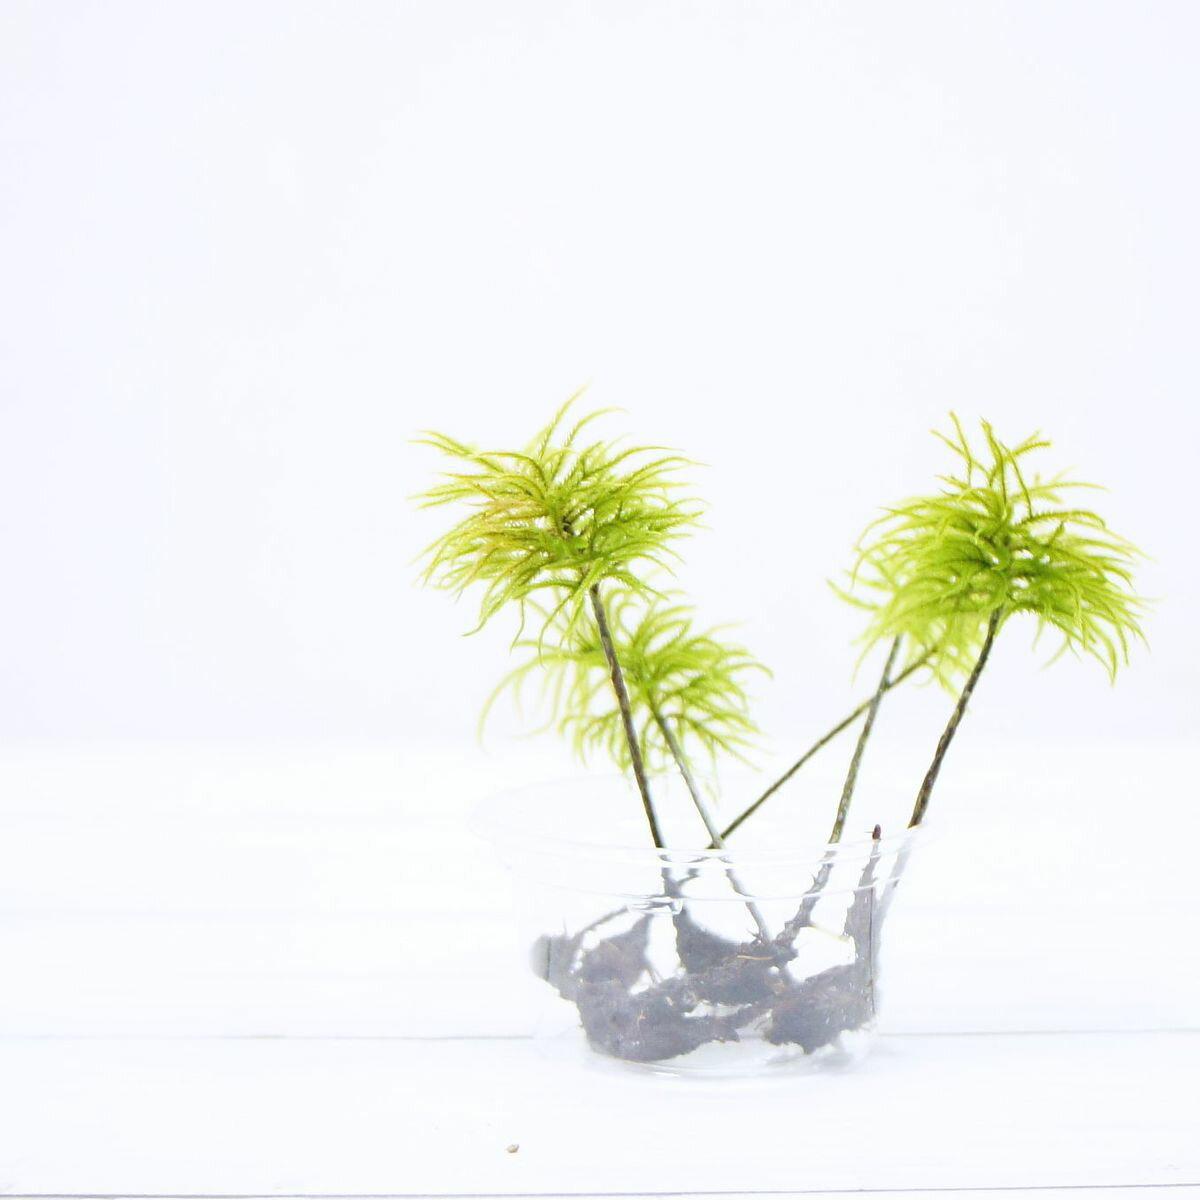 【高原の苔】 大型の木のように伸びる苔 コウヤノマンネングサ 3本 テラリウム 苔テラリウム アクアテラリウム 苔